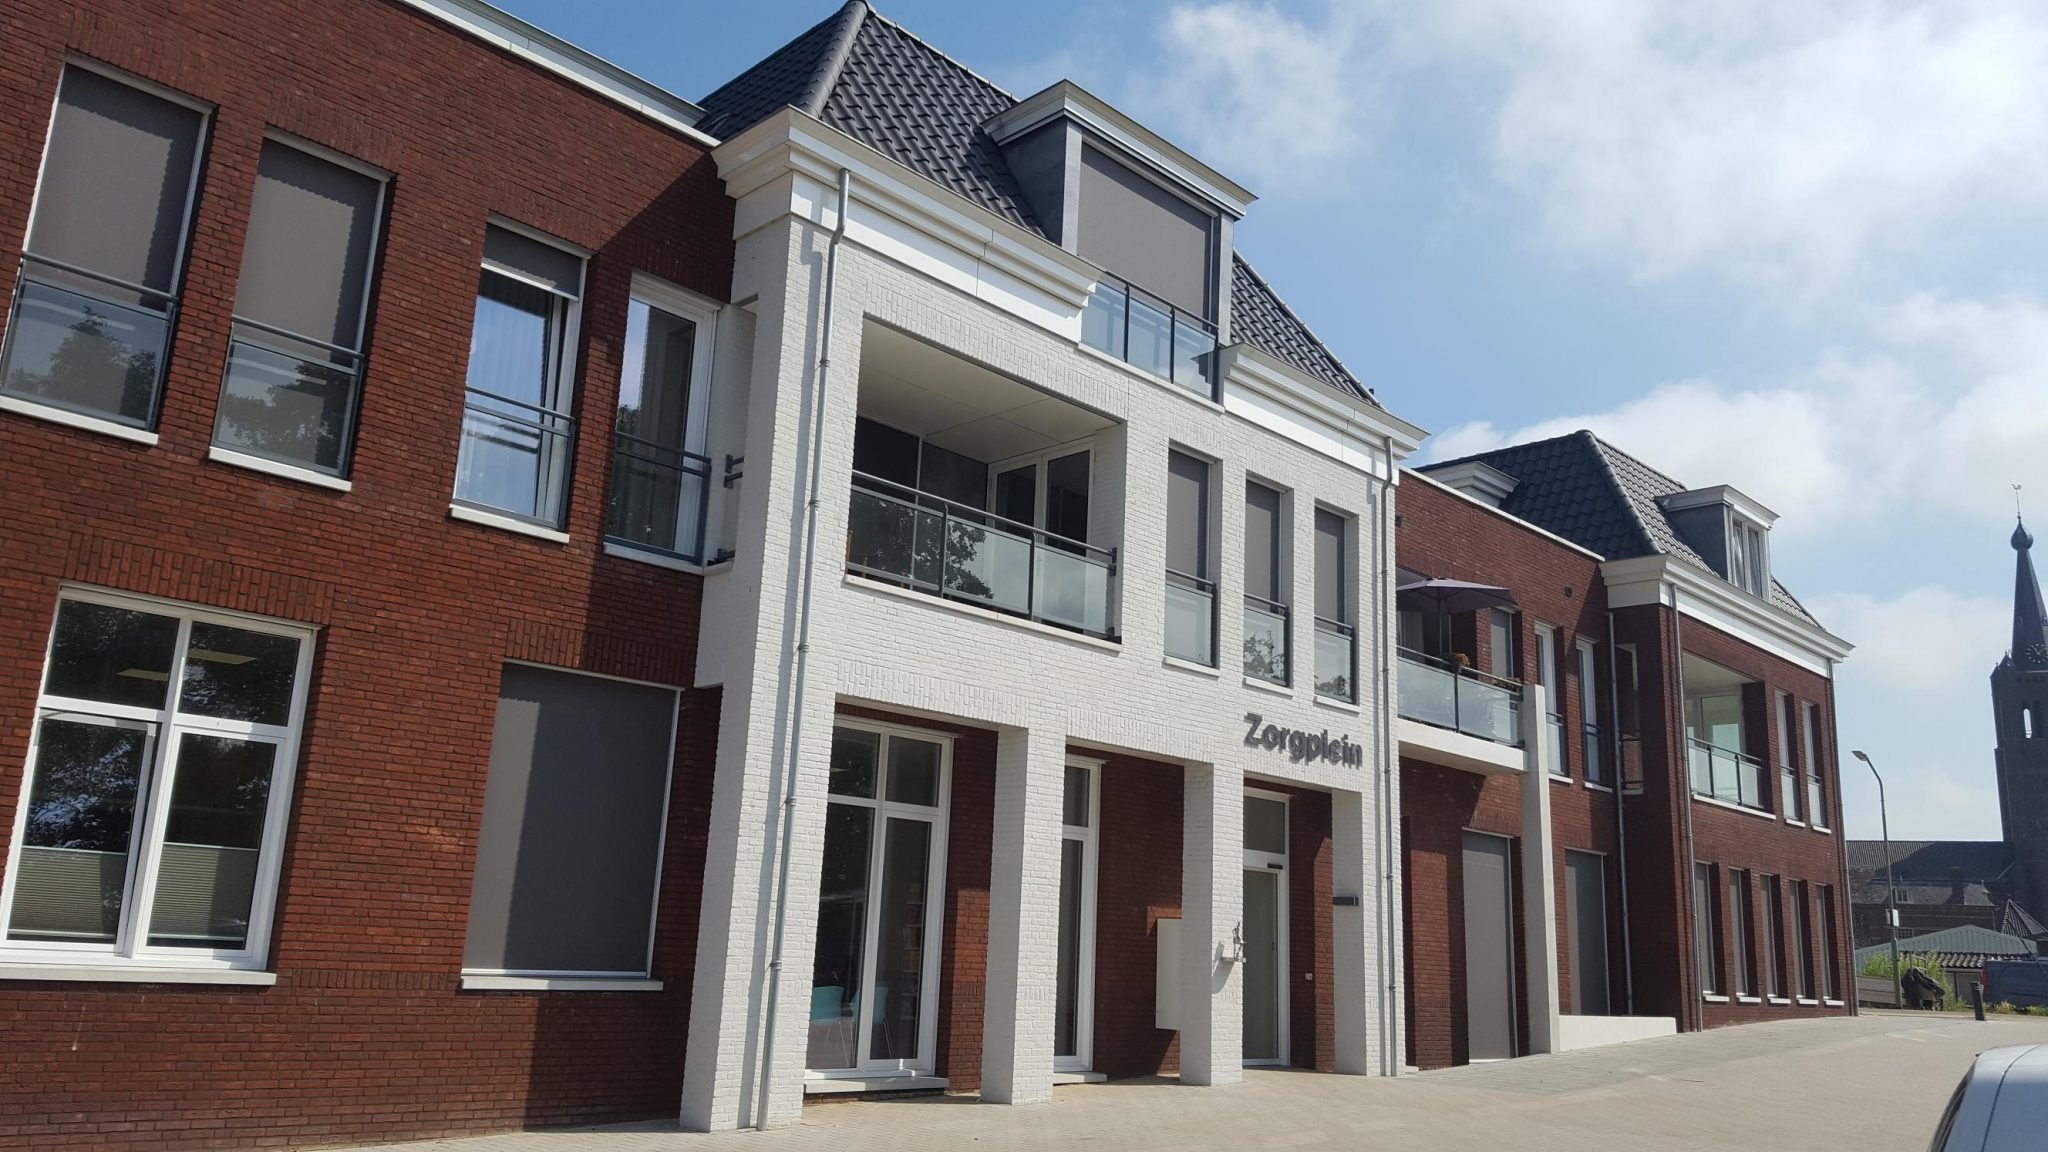 Gezondheidscentrum op Buitendijk 33 in Hank